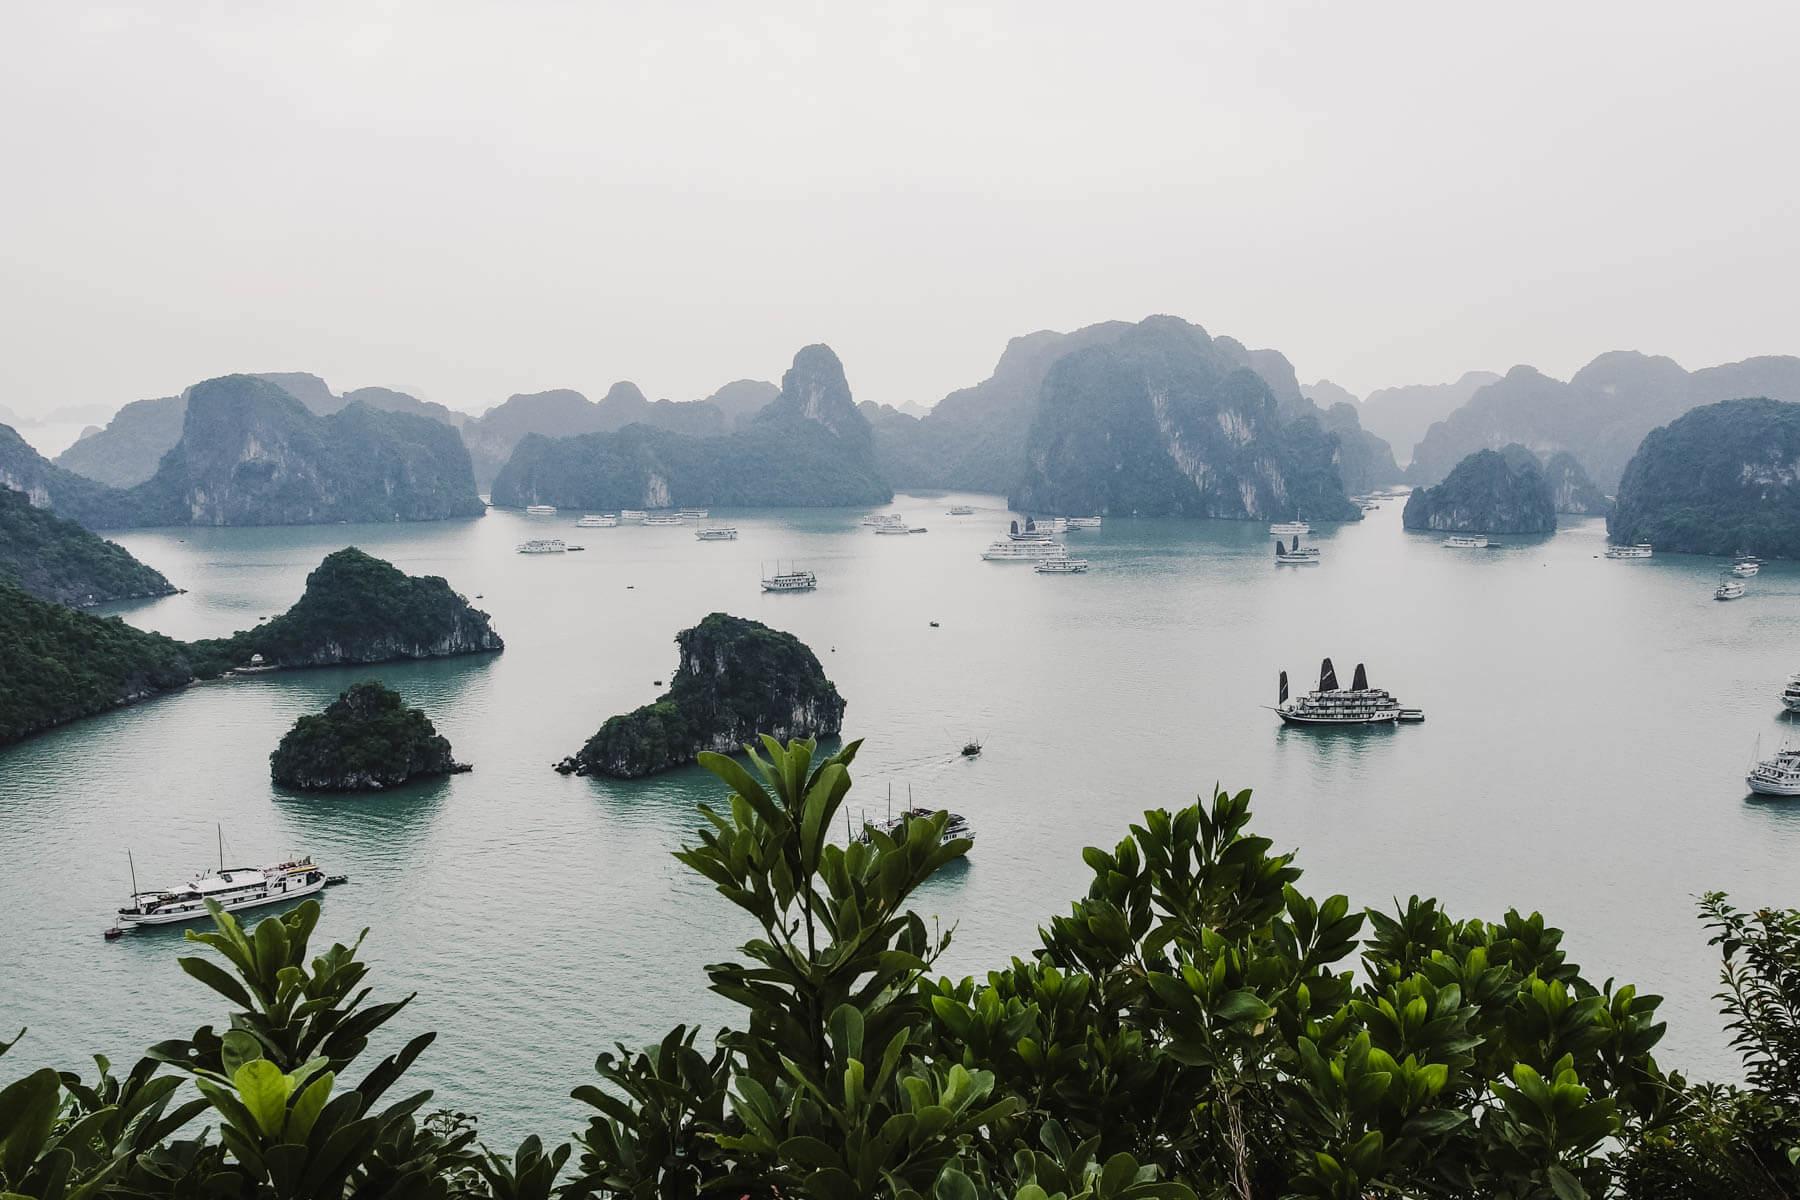 Die Halong-Bucht ist eines der beliebtesten Touristenziele in Vietnam. Foto Anna Röttgers